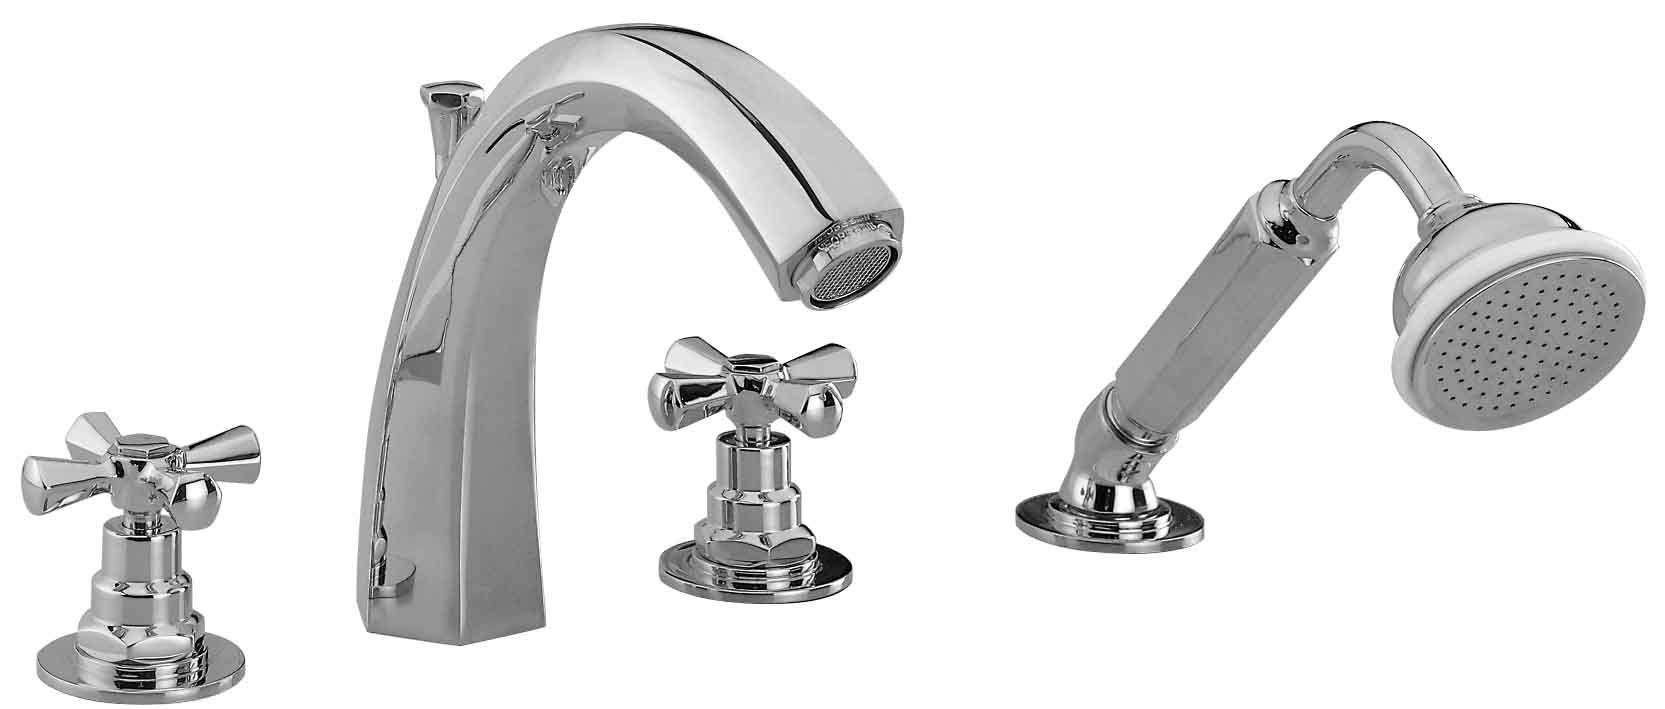 Rim Mounted 4 Hole Bath Mixer Bath Mixer Faucet Deco